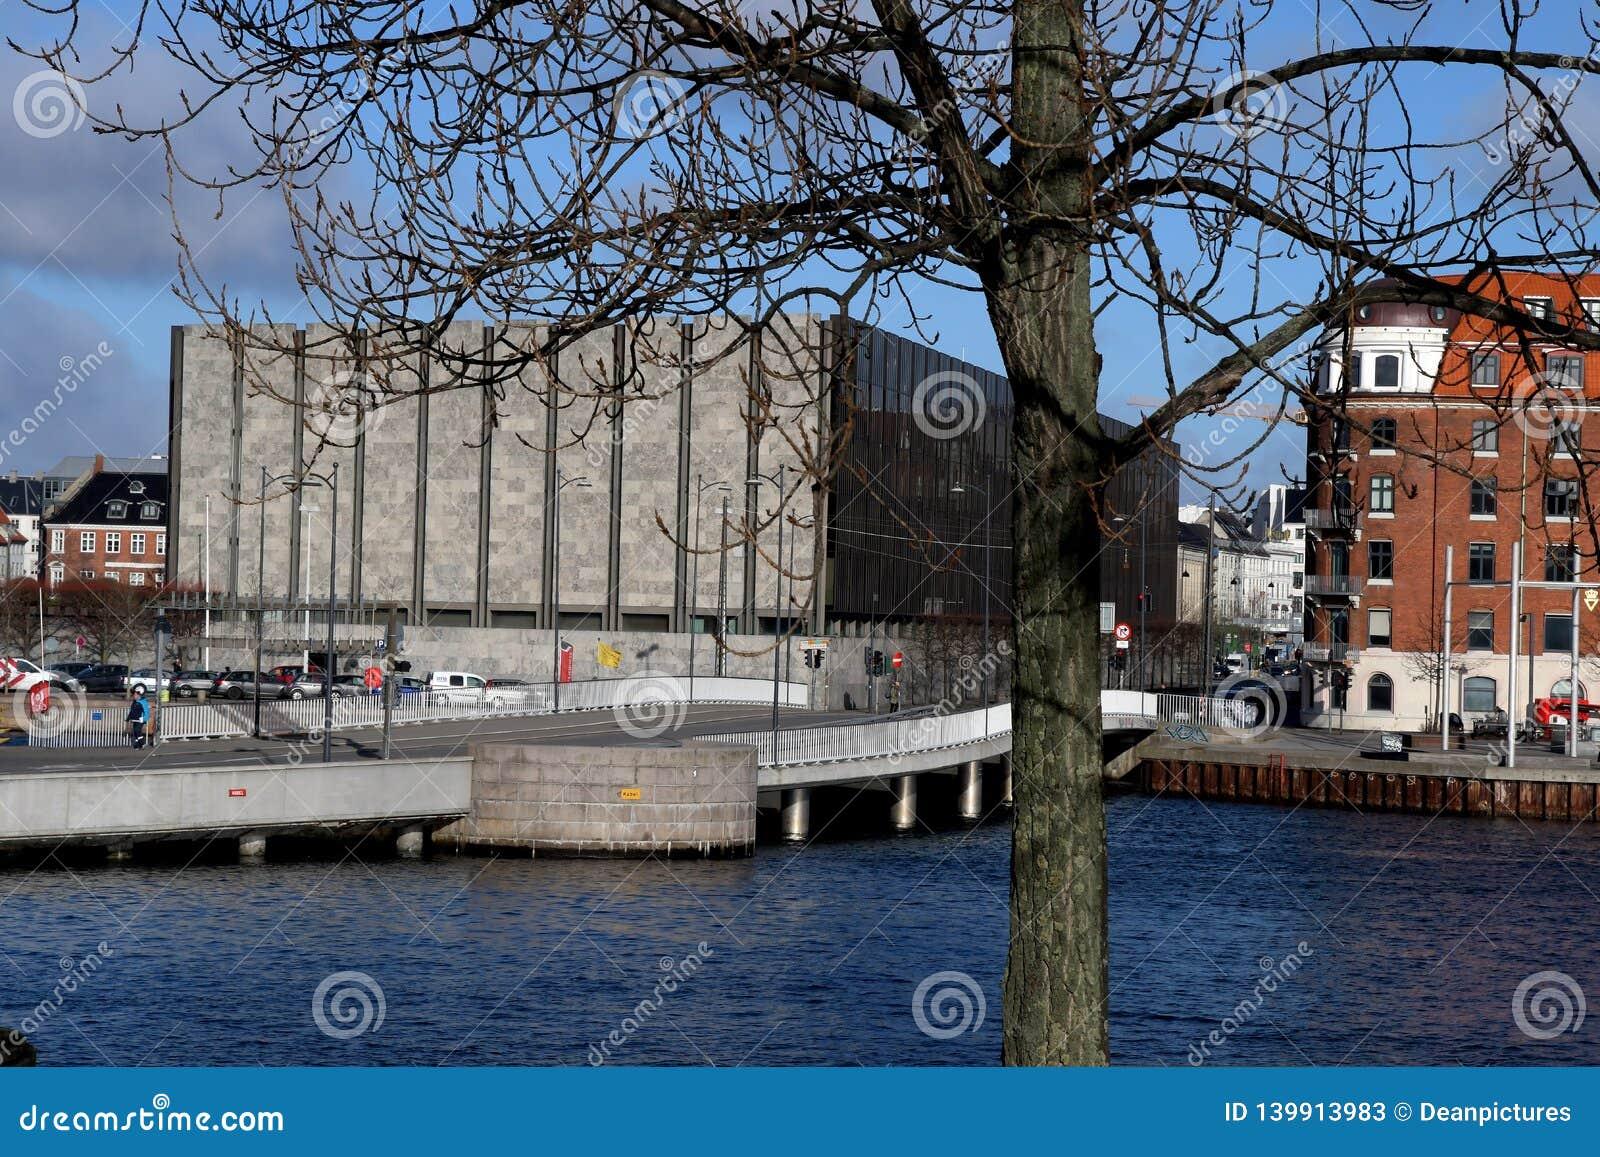 DÄNEMARK 'S NATIONAL BANK IN KOPENHAGEN DÄNEMARK